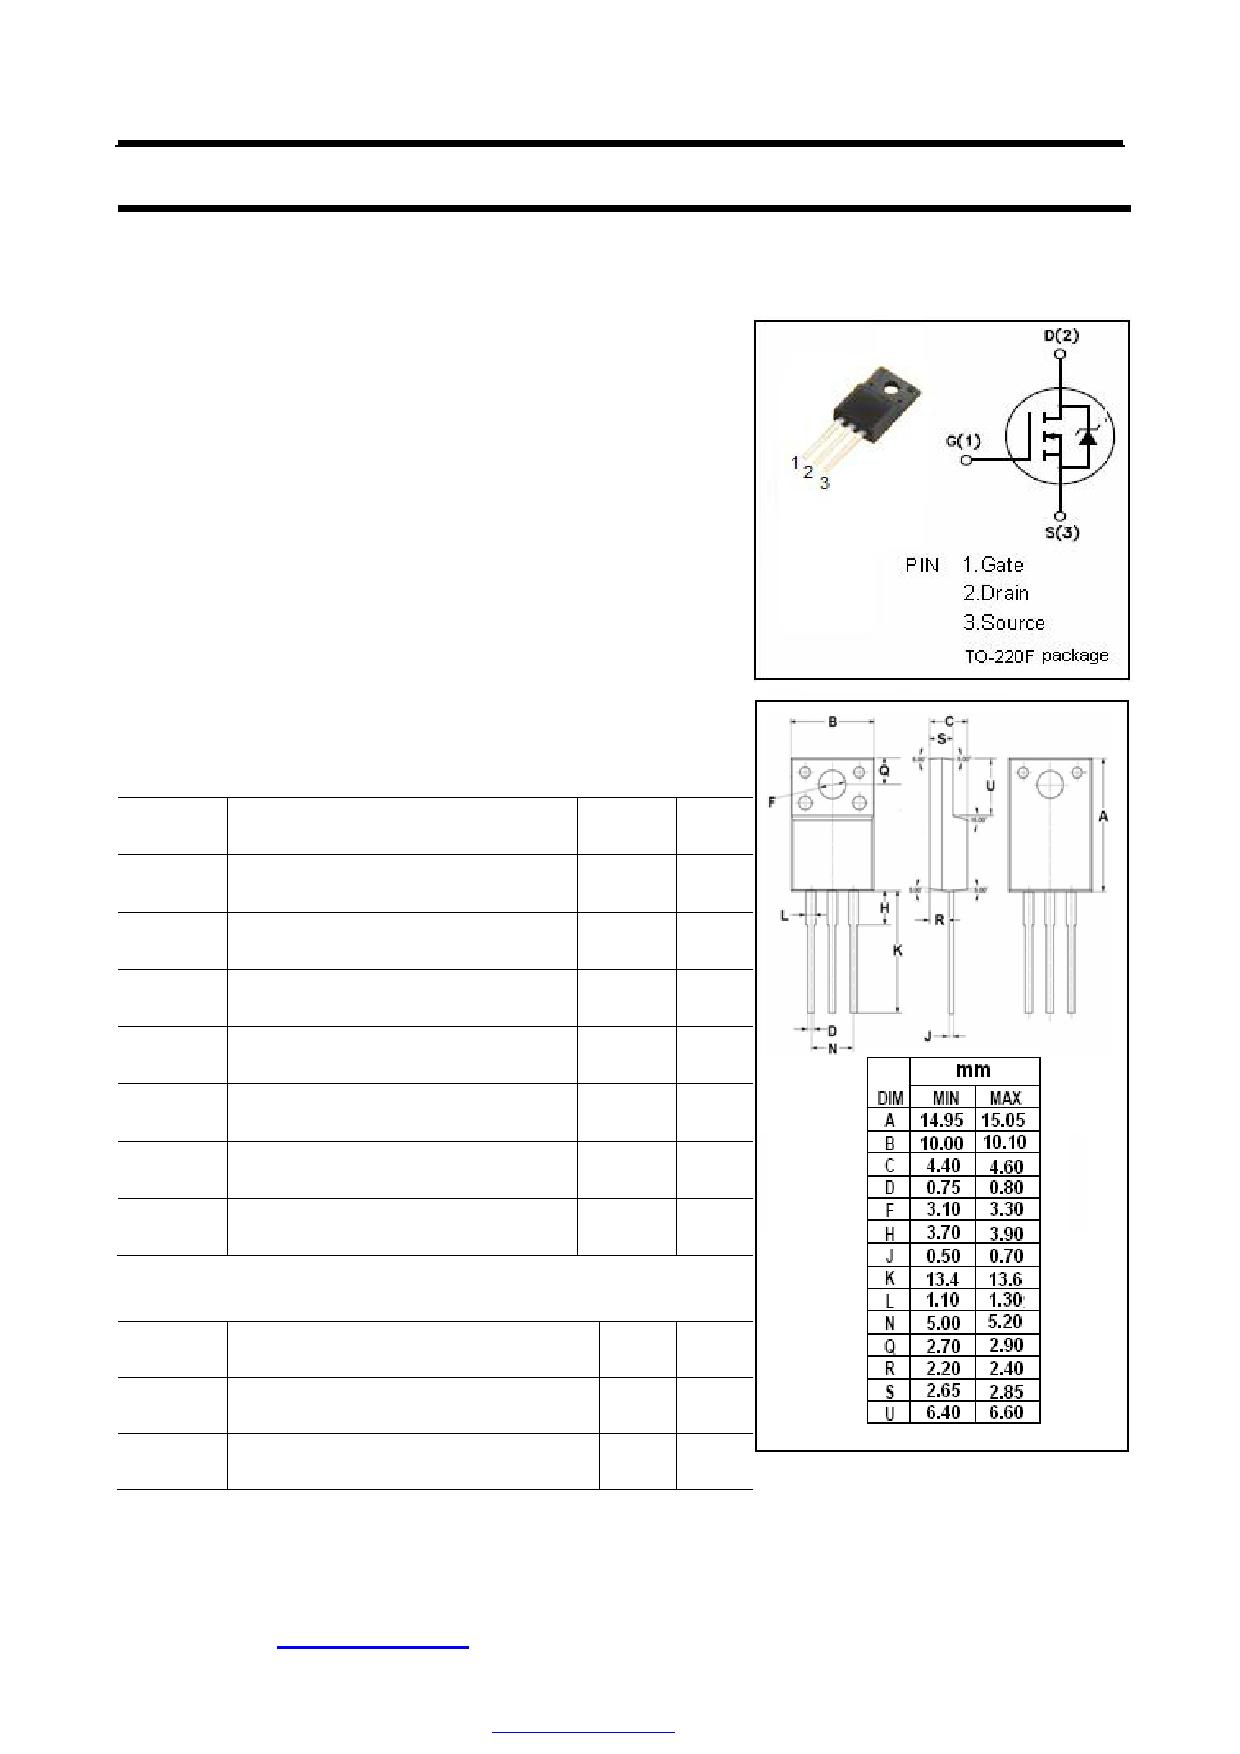 18N50 datasheet pinout